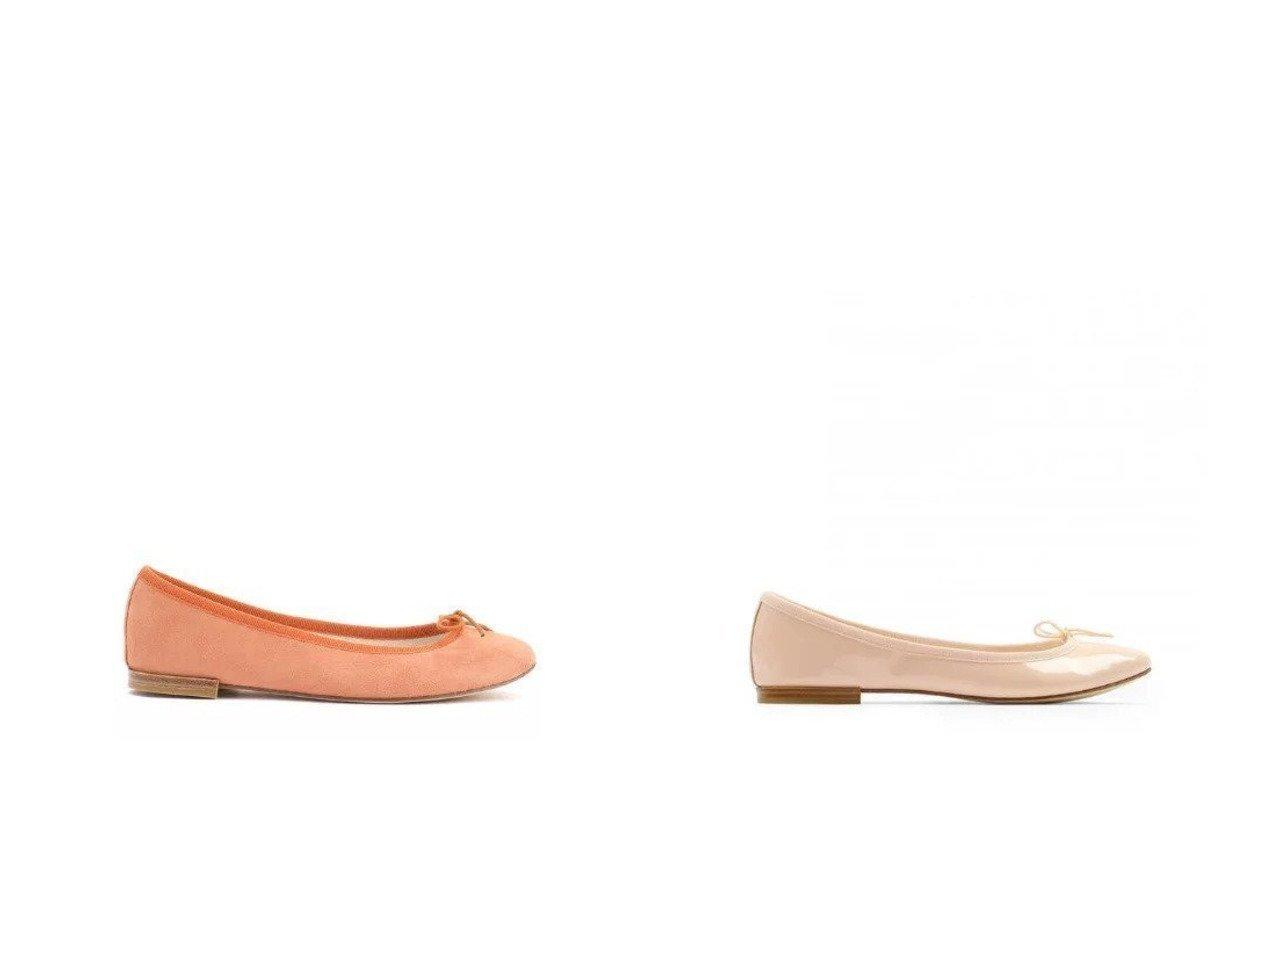 【repetto/レペット】のCendrillon ballerinas&Cendrillon Ballerinas 【シューズ・靴】おすすめ!人気、トレンド・レディースファッションの通販 おすすめで人気の流行・トレンド、ファッションの通販商品 インテリア・家具・メンズファッション・キッズファッション・レディースファッション・服の通販 founy(ファニー) https://founy.com/ ファッション Fashion レディースファッション WOMEN インソール キャンバス グログラン シューズ バレエ フラット |ID:crp329100000045168